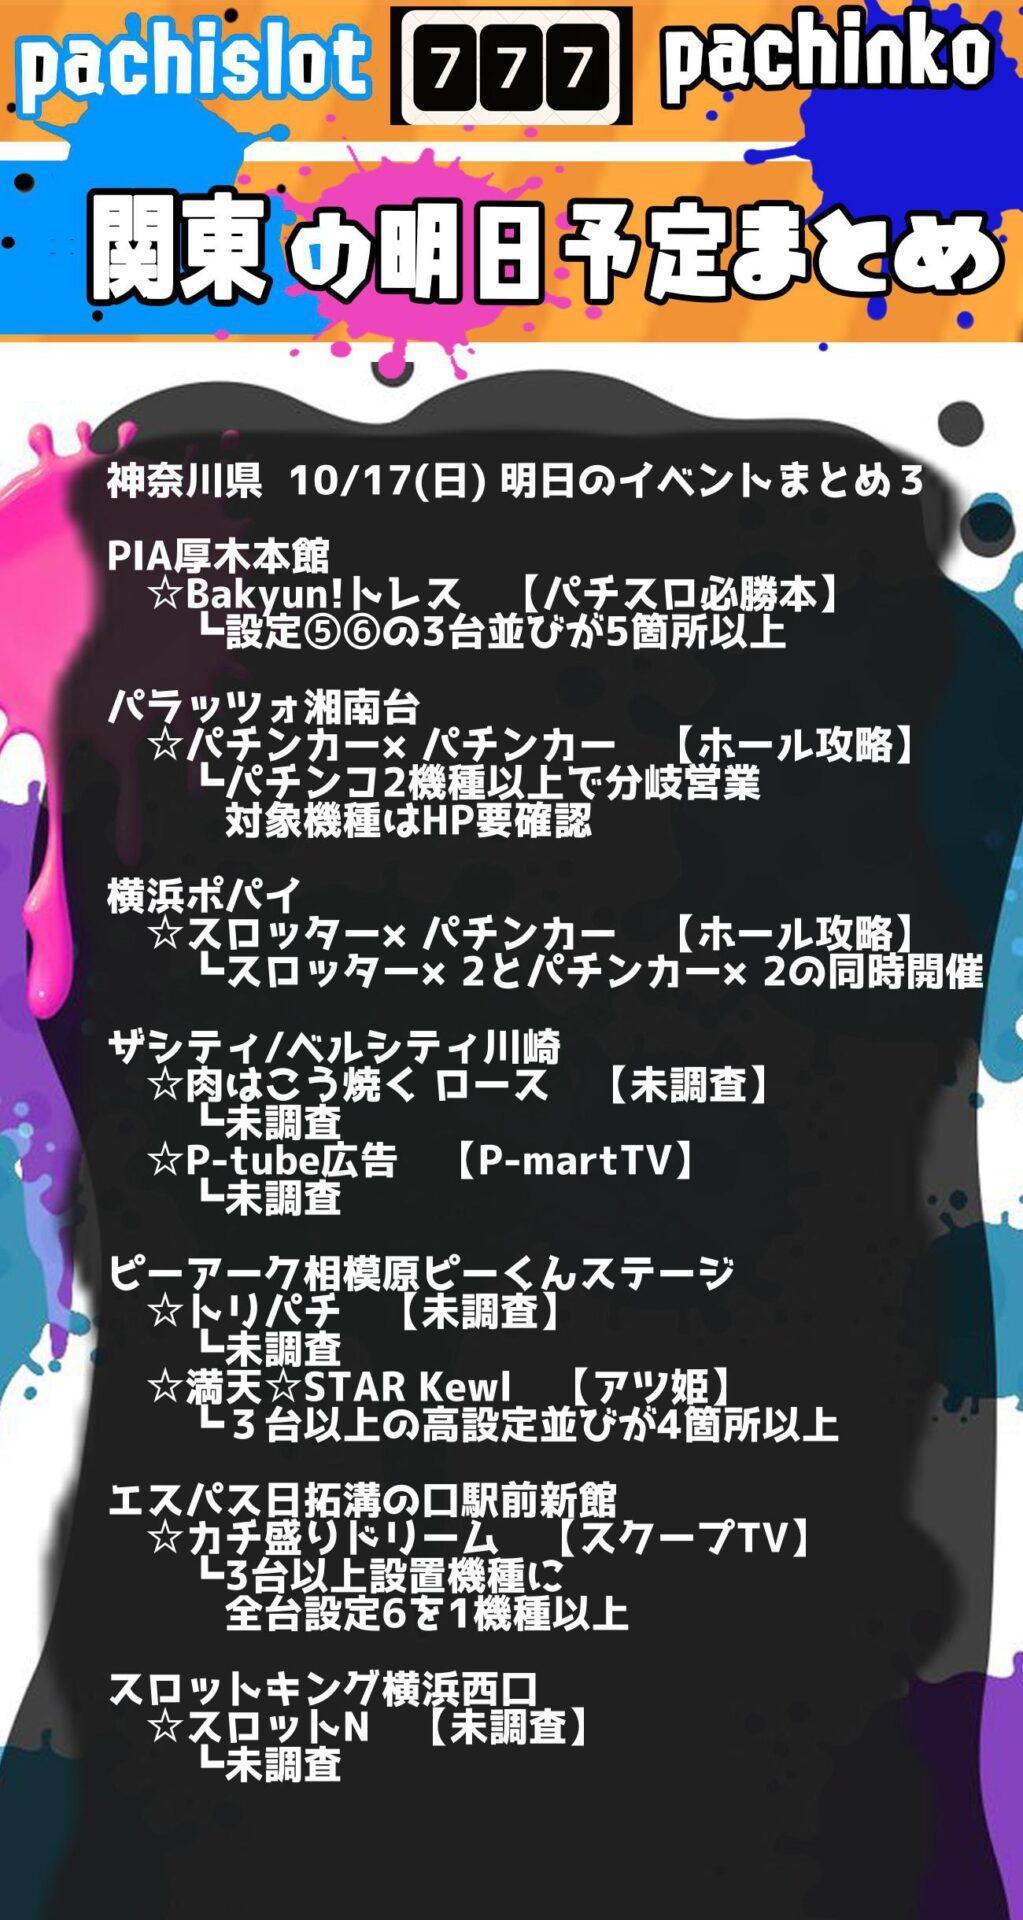 神奈川県_2021-10-17_パチンコ・パチスロ_イベント